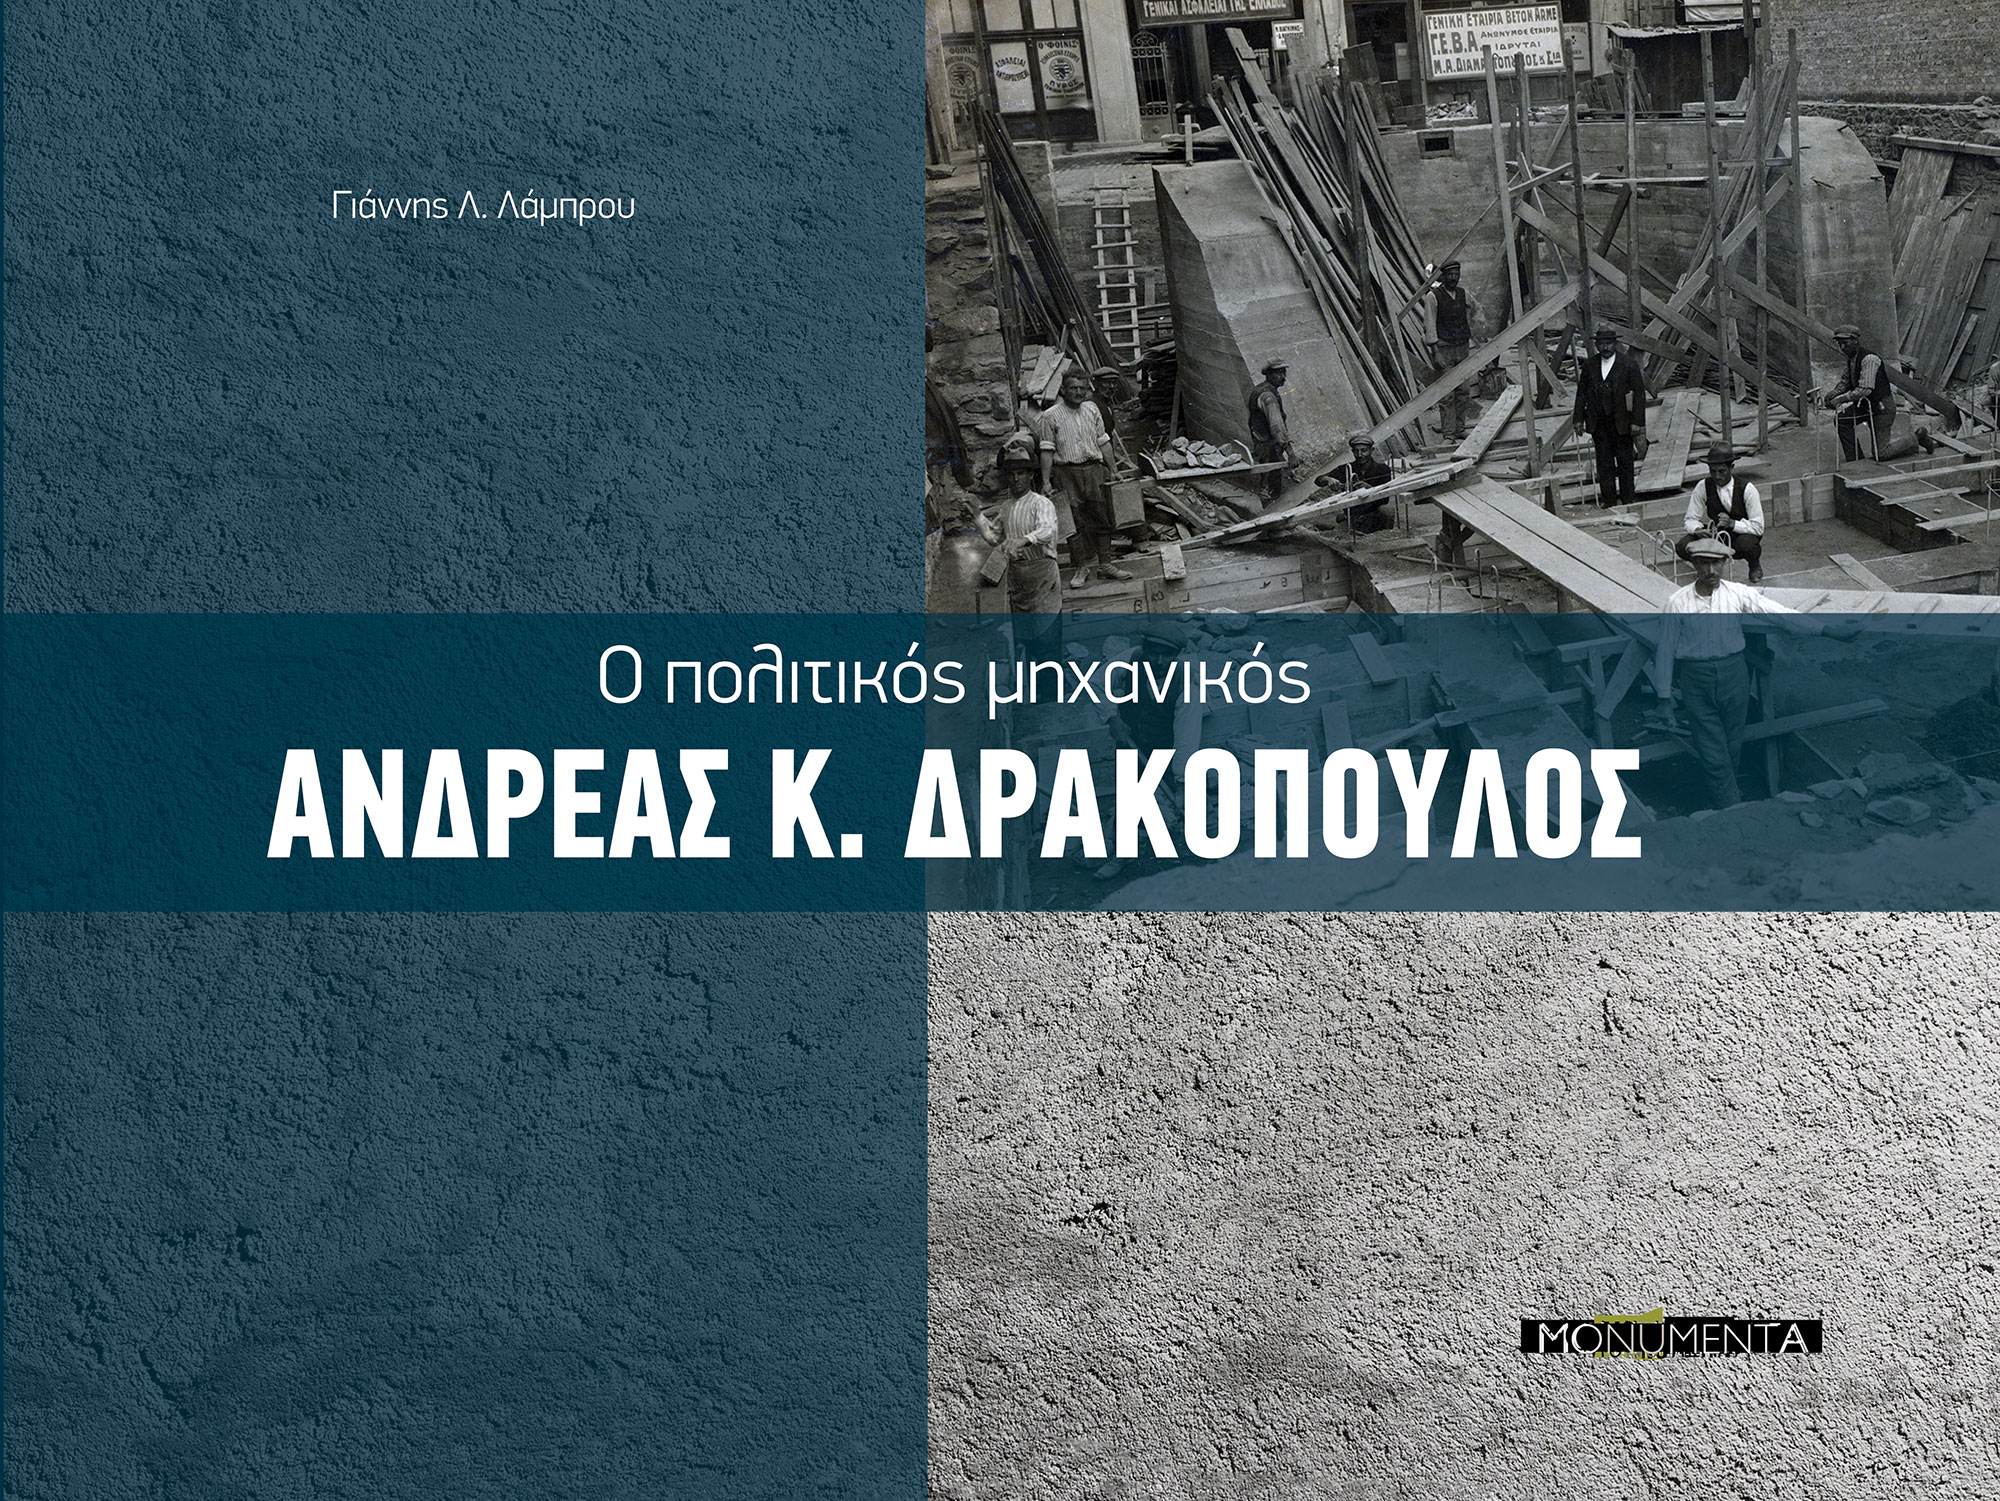 Ο πολιτικός μηχανικός Ανδρέας Κ. Δρακόπουλος